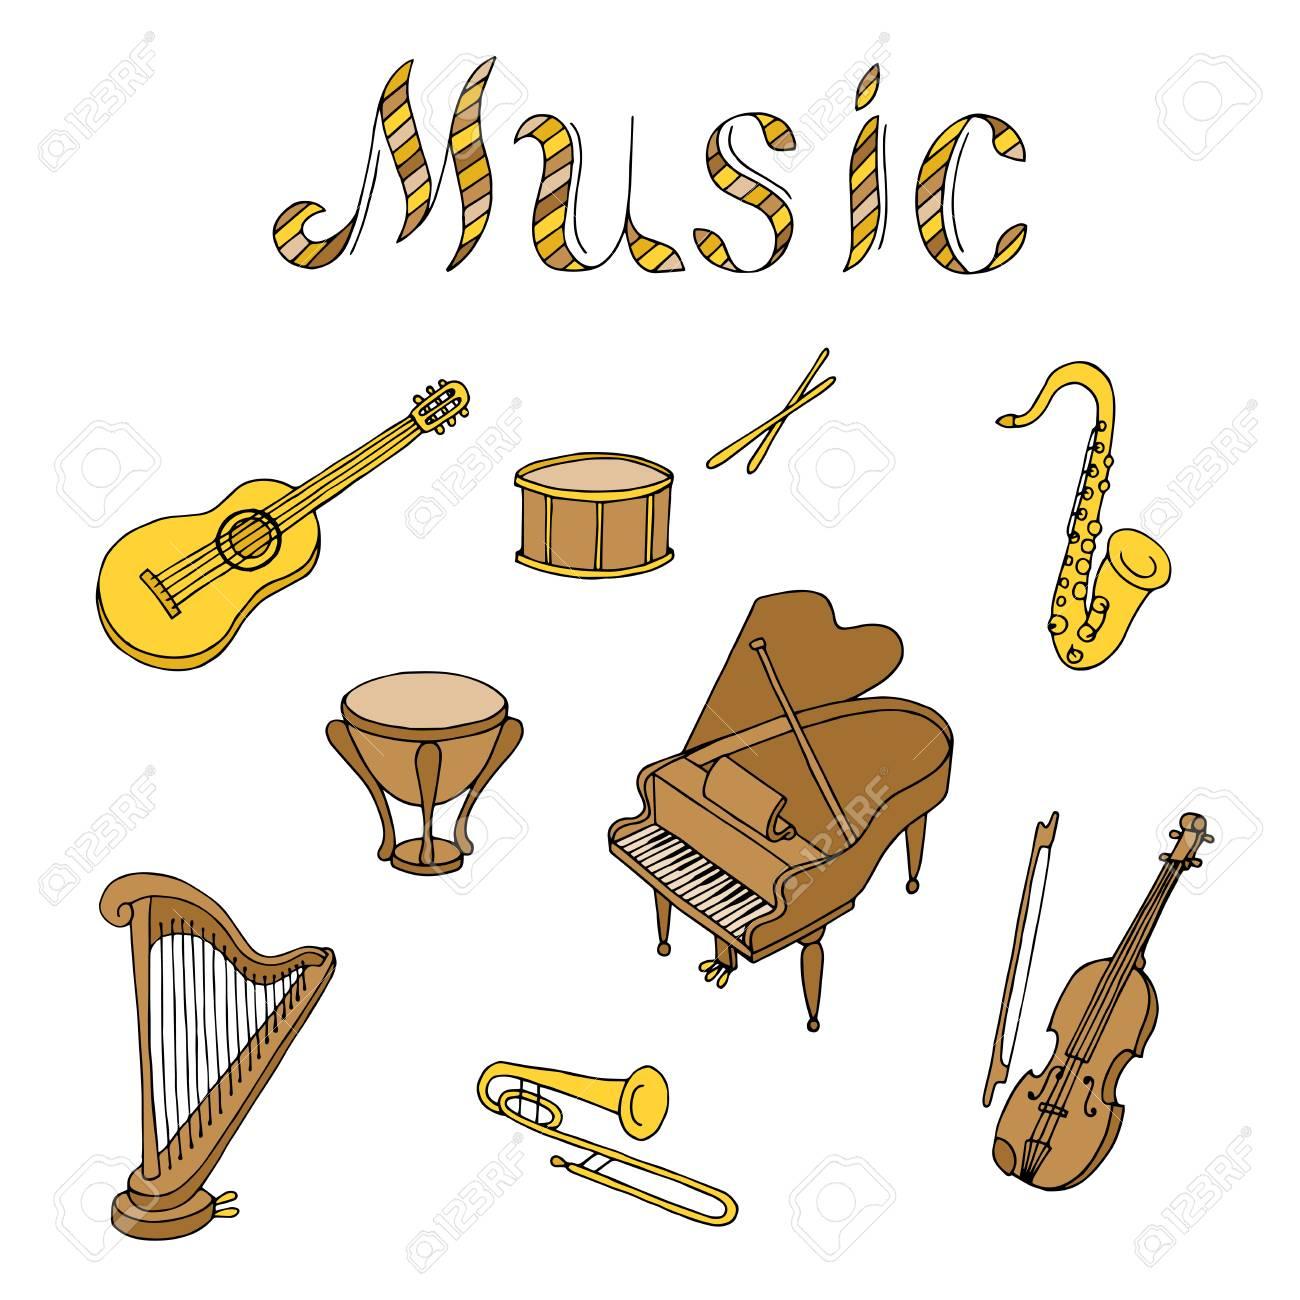 Instrument De Musique Jeu Graphique Brun Art Couleur Jaune Beige  Illustration Isolé concernant Jeu Des Instruments De Musique